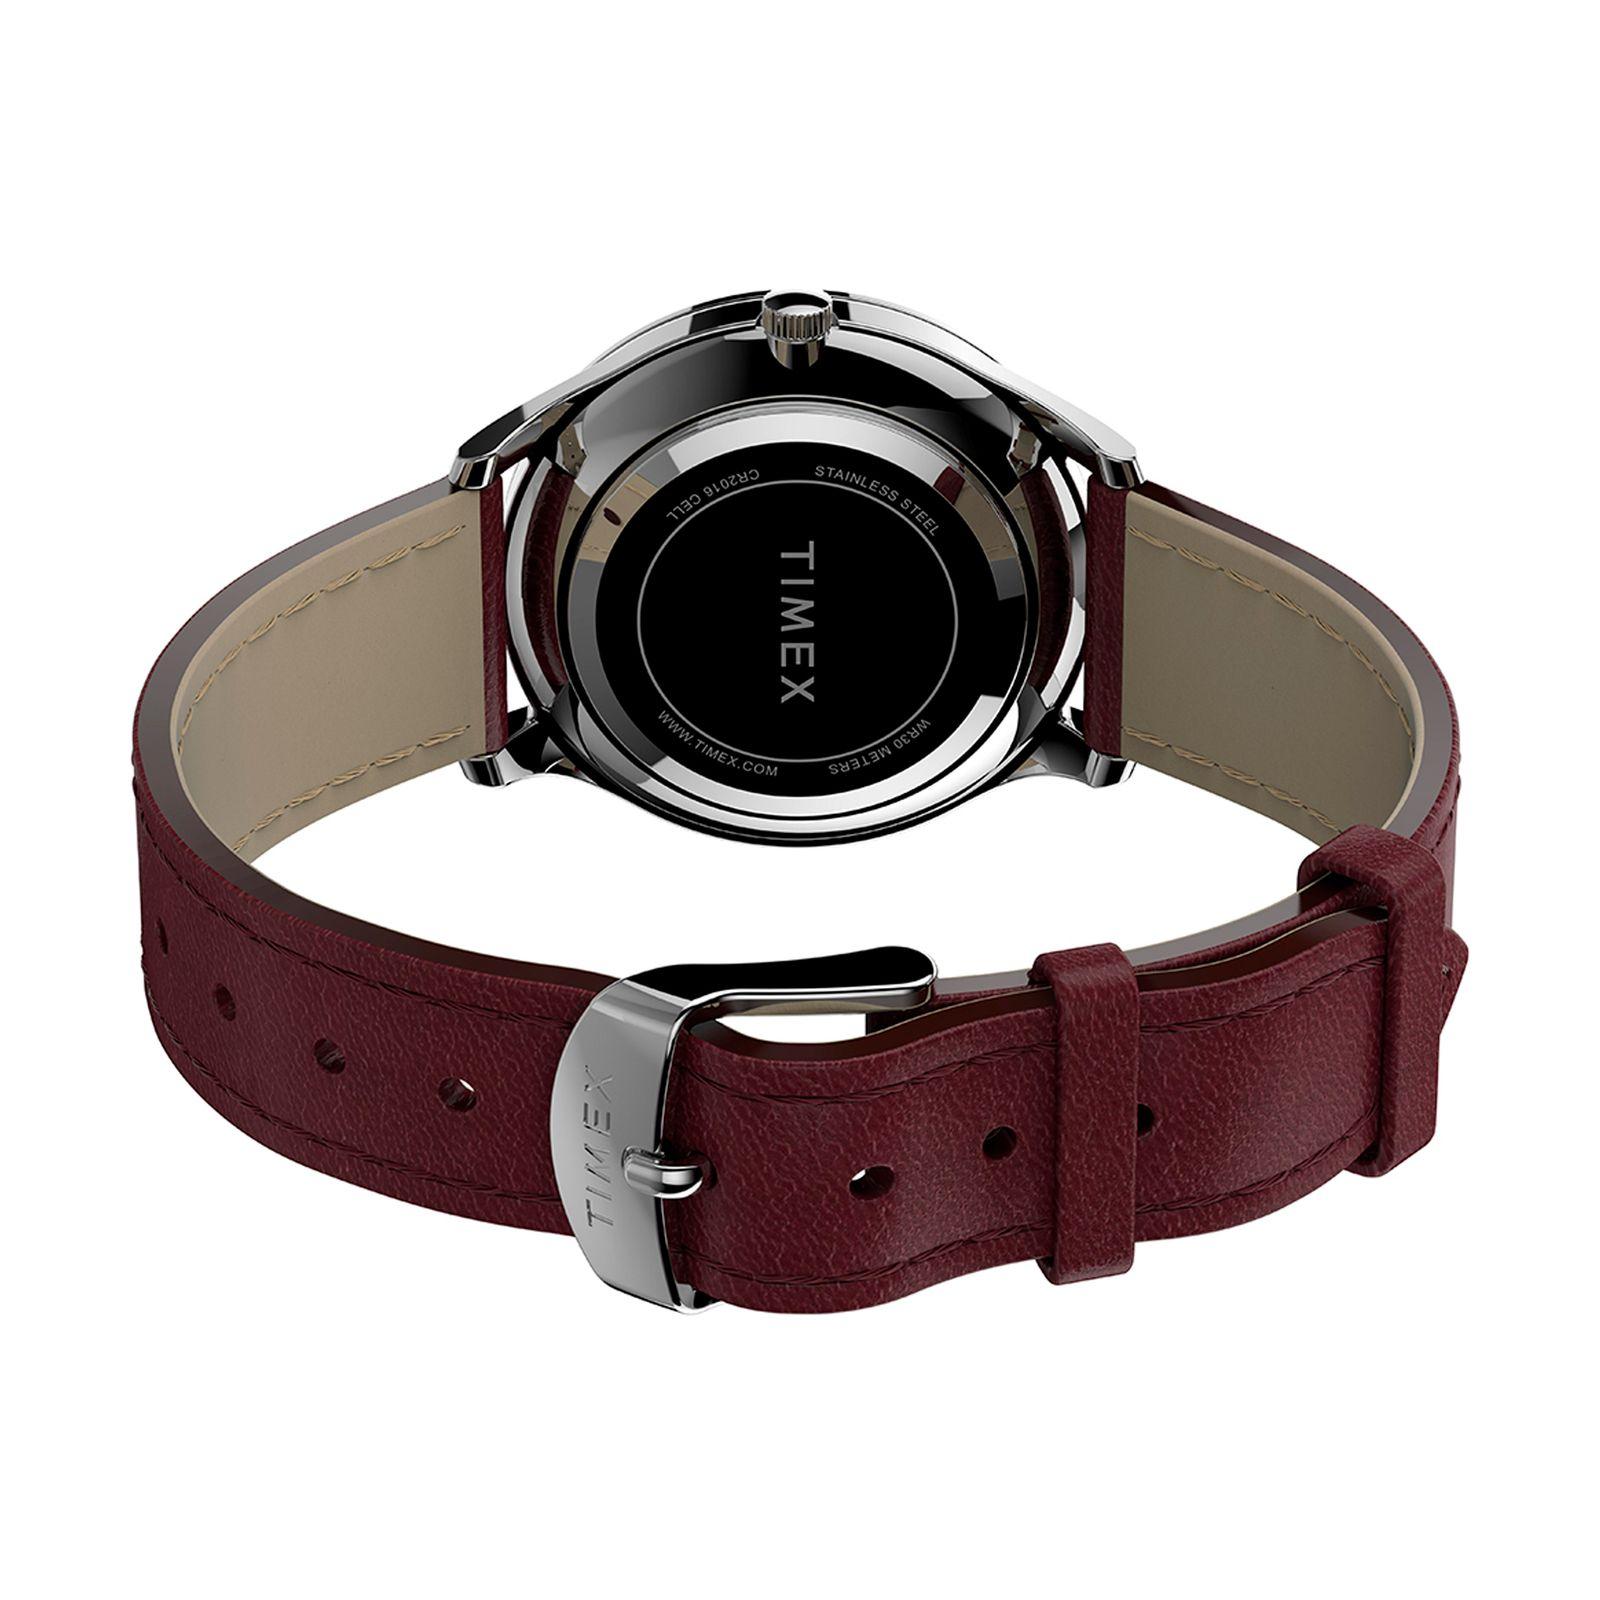 ساعت مچی عقربه ای مردانه تایمکس مدل TW2T72200 -  - 3